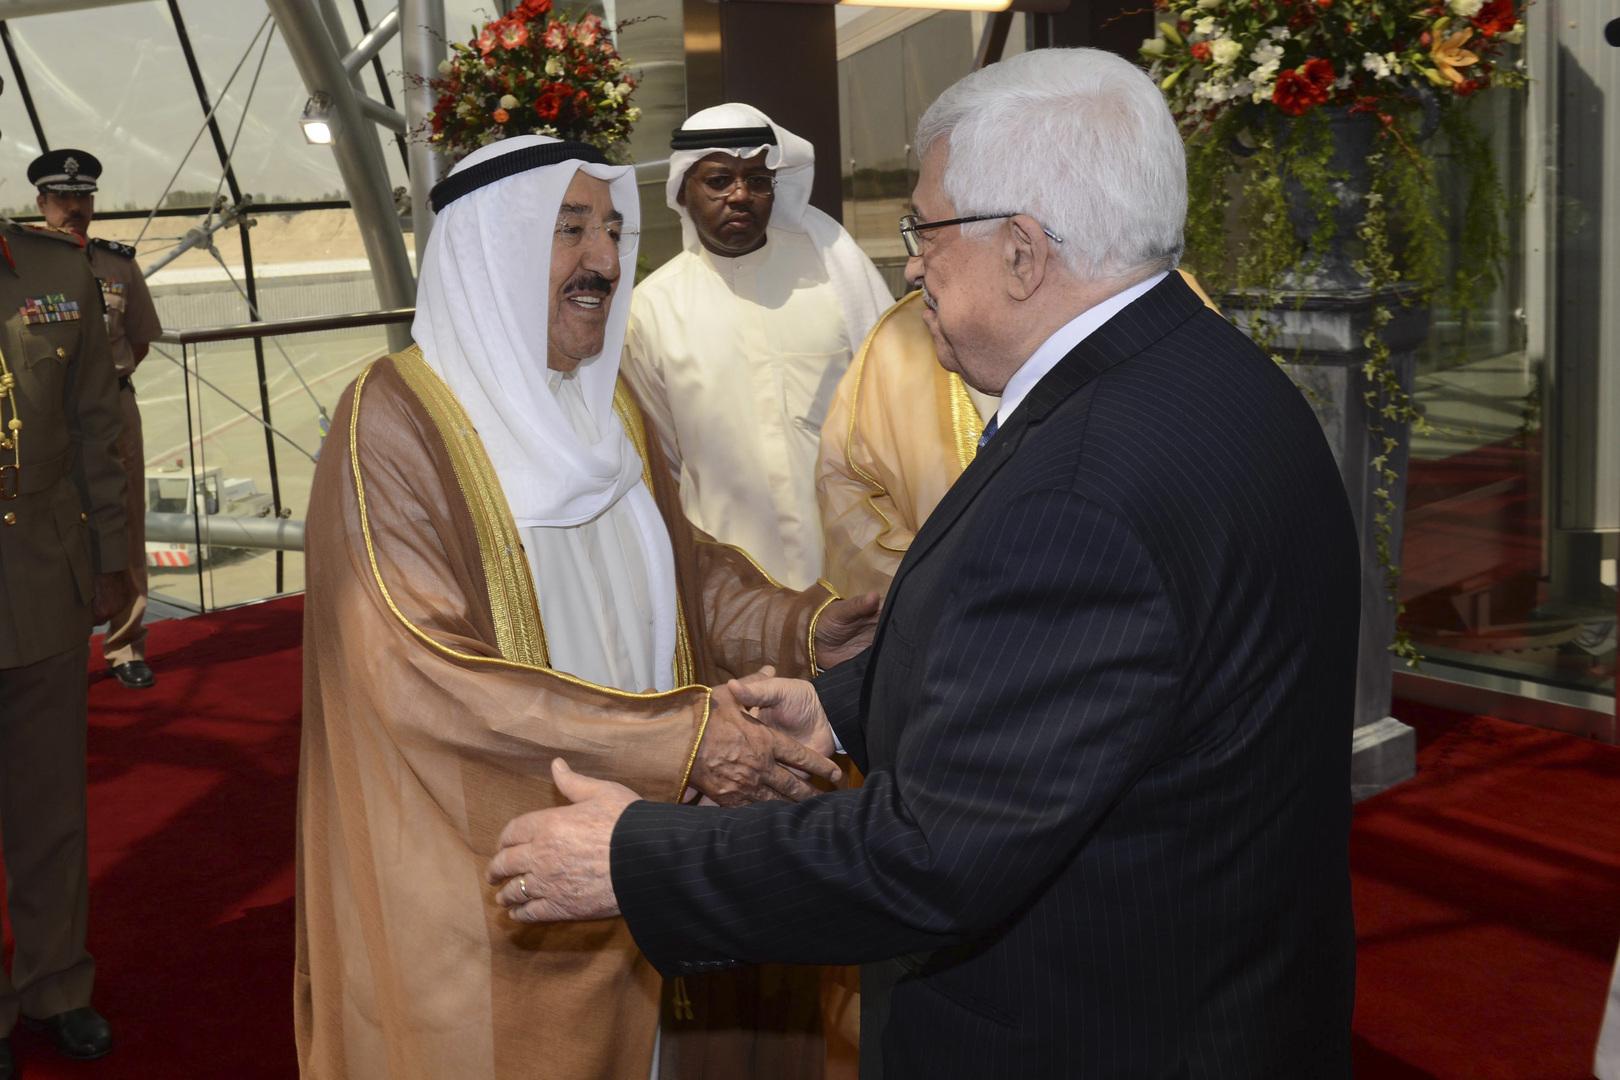 عباس ينعي أمير الكويت: فلسطين خسرت قائدا عربيا وزعيما للإنسانية